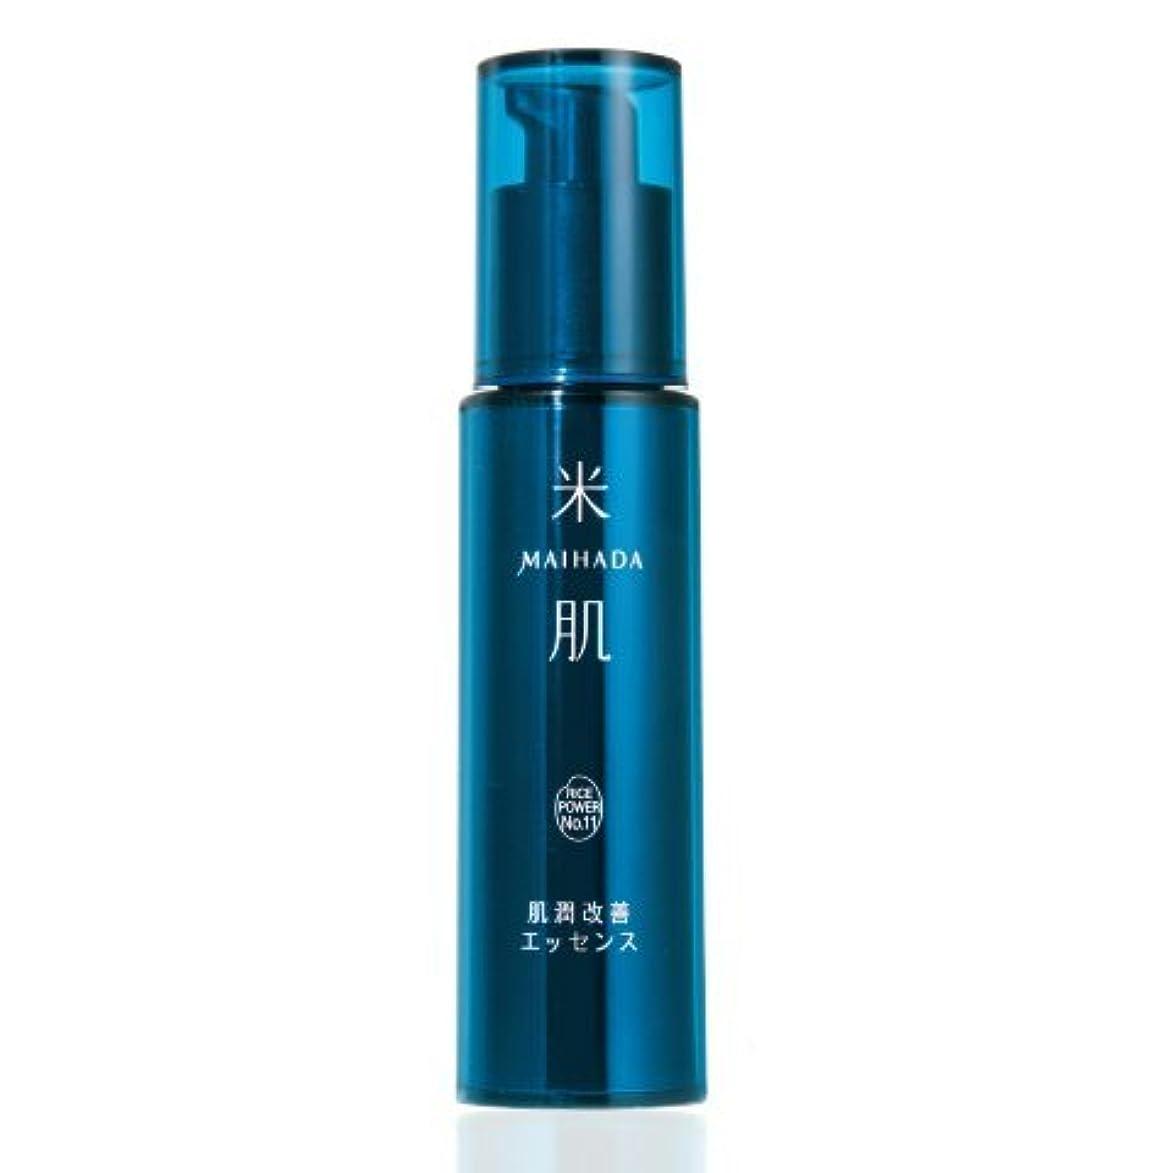 スキニー促進する引き金米肌(MAIHADA) 肌潤改善エッセンス コーセー KOSE